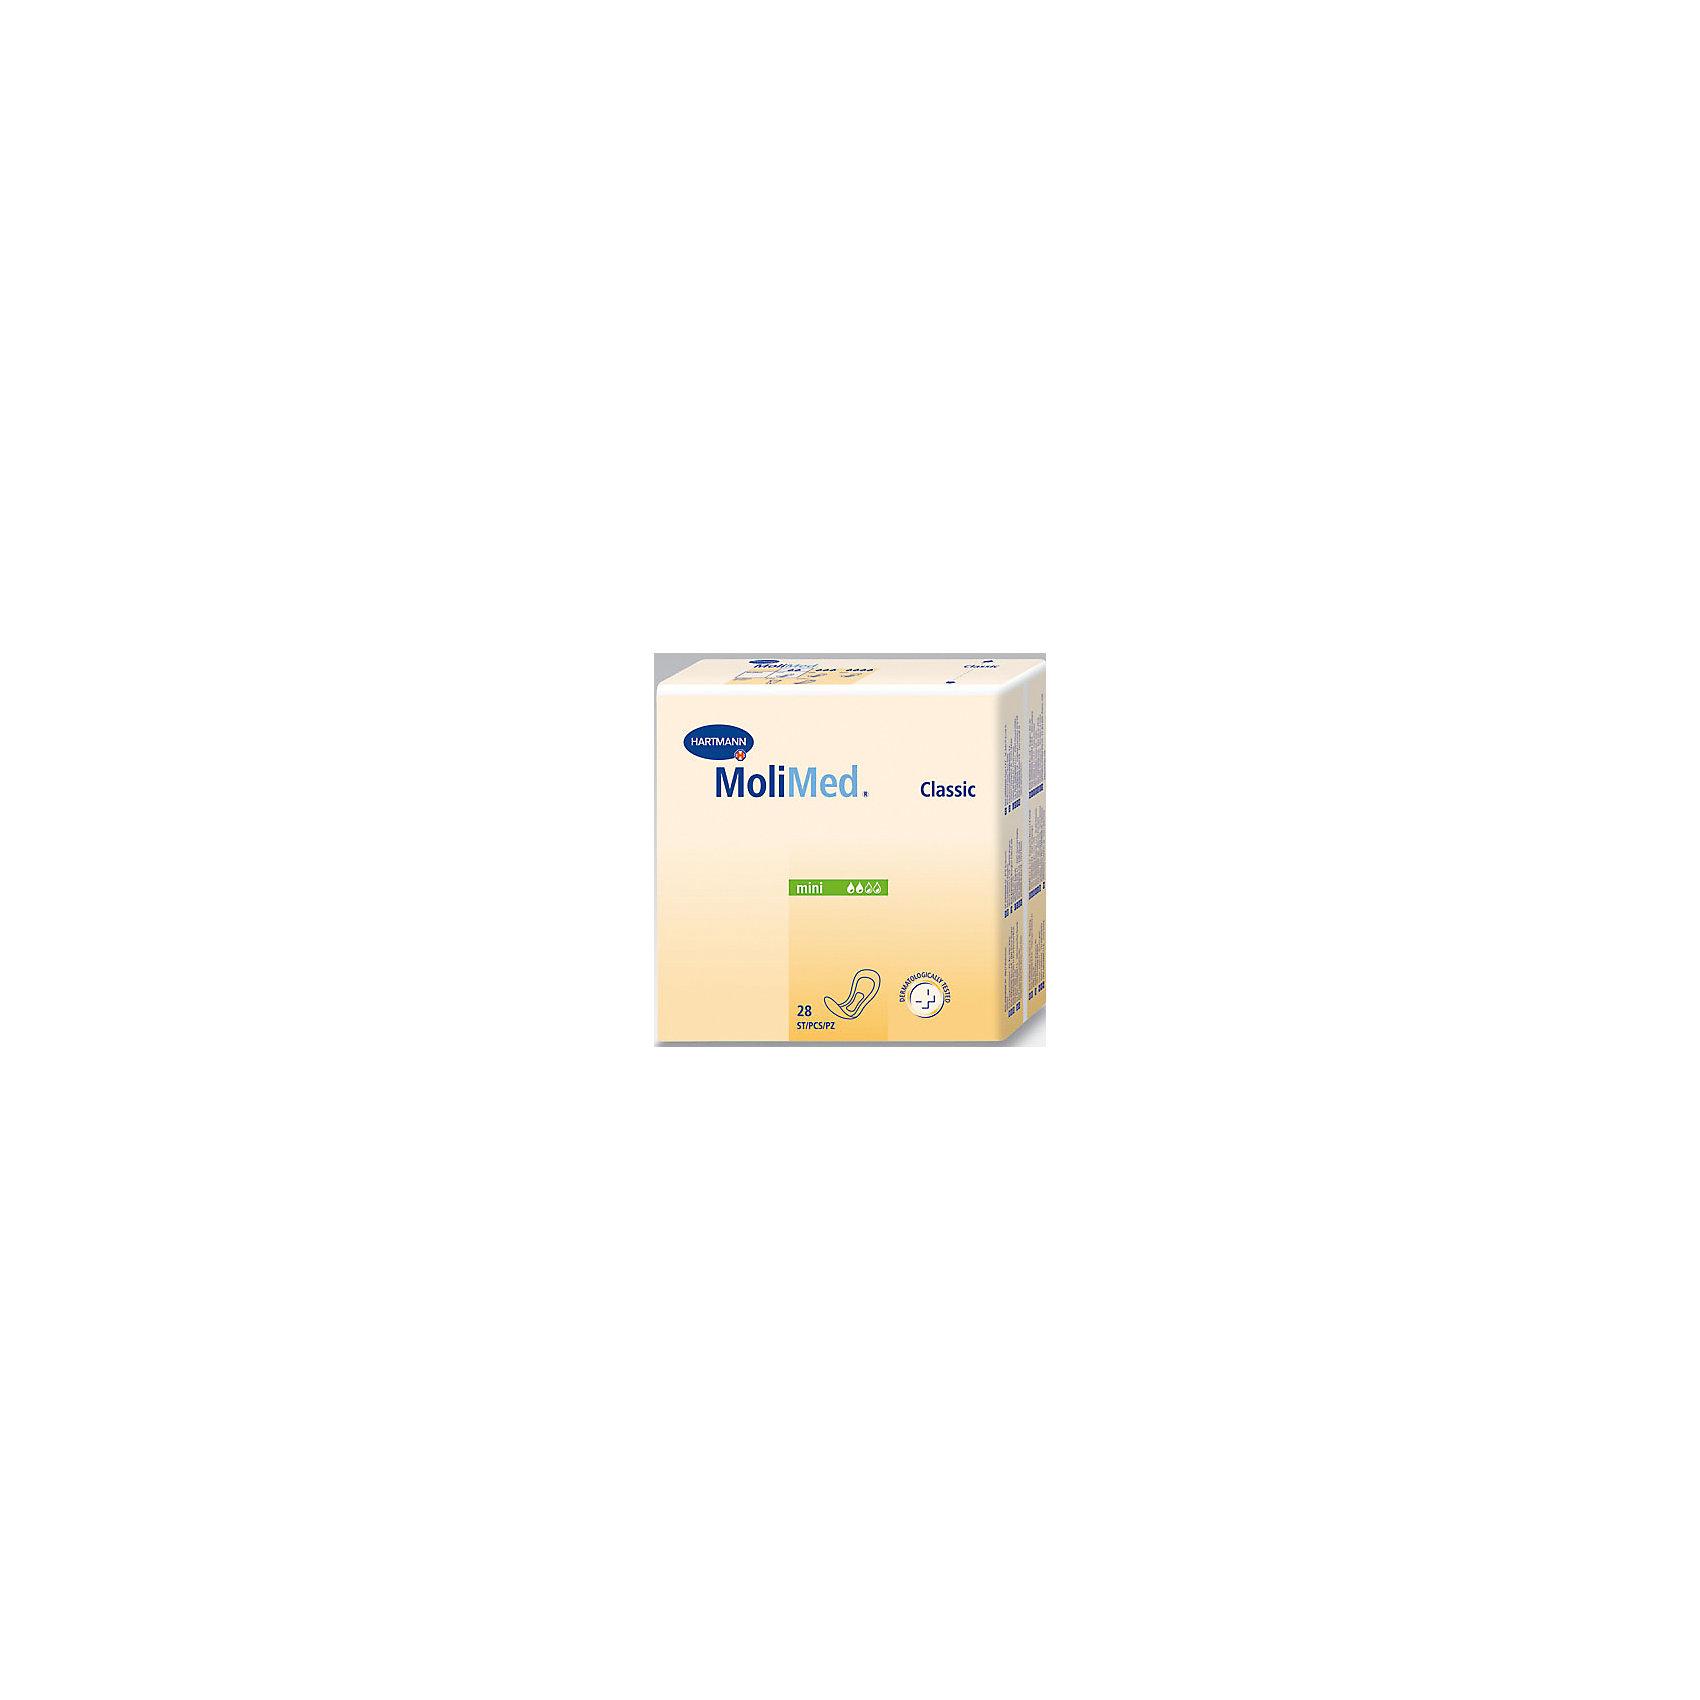 Прокладки MoliMed Classic mini впитываемость 280 мл, 28шт, HartmannСредства для ухода<br>Прокладки анатомической формы, изготовленная из экологически чистого сырья, с трехслойной впитывающей подушкой<br>- Суперабсорбент High Dry SAP, превращающий жидкость в гель, сохраняет кожу сухой, удерживает жидкость и запах внутри<br>- Верхний впитывающий слой на основе закрученной целлюлозы оказывает антибактериальный эффект и поддерживает благоприятный для кожи фактор pH 5,5<br>- Трехслойная впитывающая подушка обеспечивает максимальную впитываемость при минимальной толщине<br>- Широкая клеящая полоска надежно фиксирует прокладку к белью, препятствуя смещению.<br>- Дерматологически протестированы, не раздражают кожу<br><br>Ширина мм: 120<br>Глубина мм: 220<br>Высота мм: 150<br>Вес г: 410<br>Возраст от месяцев: 216<br>Возраст до месяцев: 1188<br>Пол: Унисекс<br>Возраст: Детский<br>SKU: 4796669